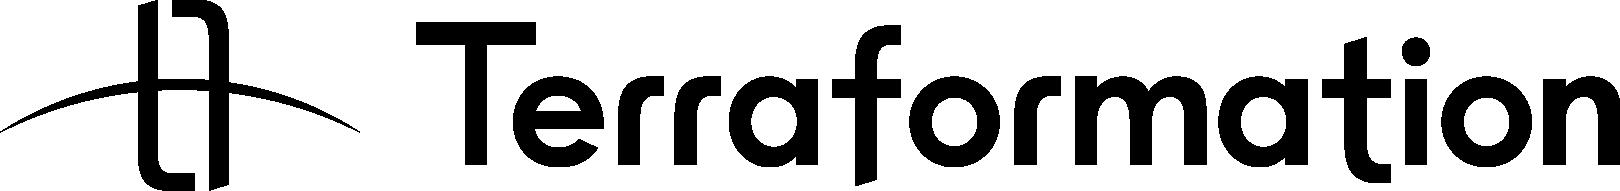 Terraformation logo